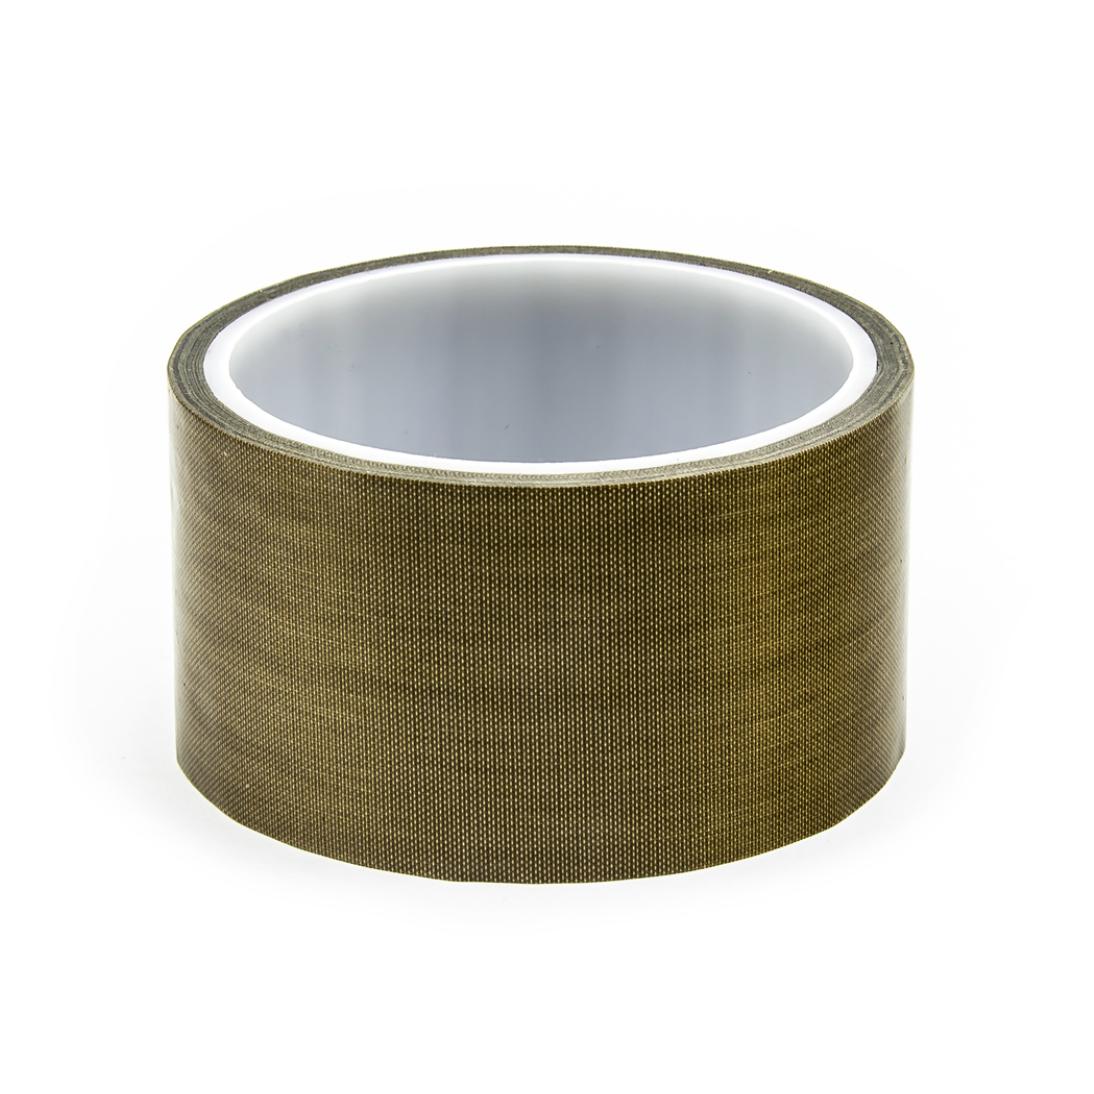 Tepluodolná teflonovaná PTFE páska pro svářečky fólií, šíře 55 mm